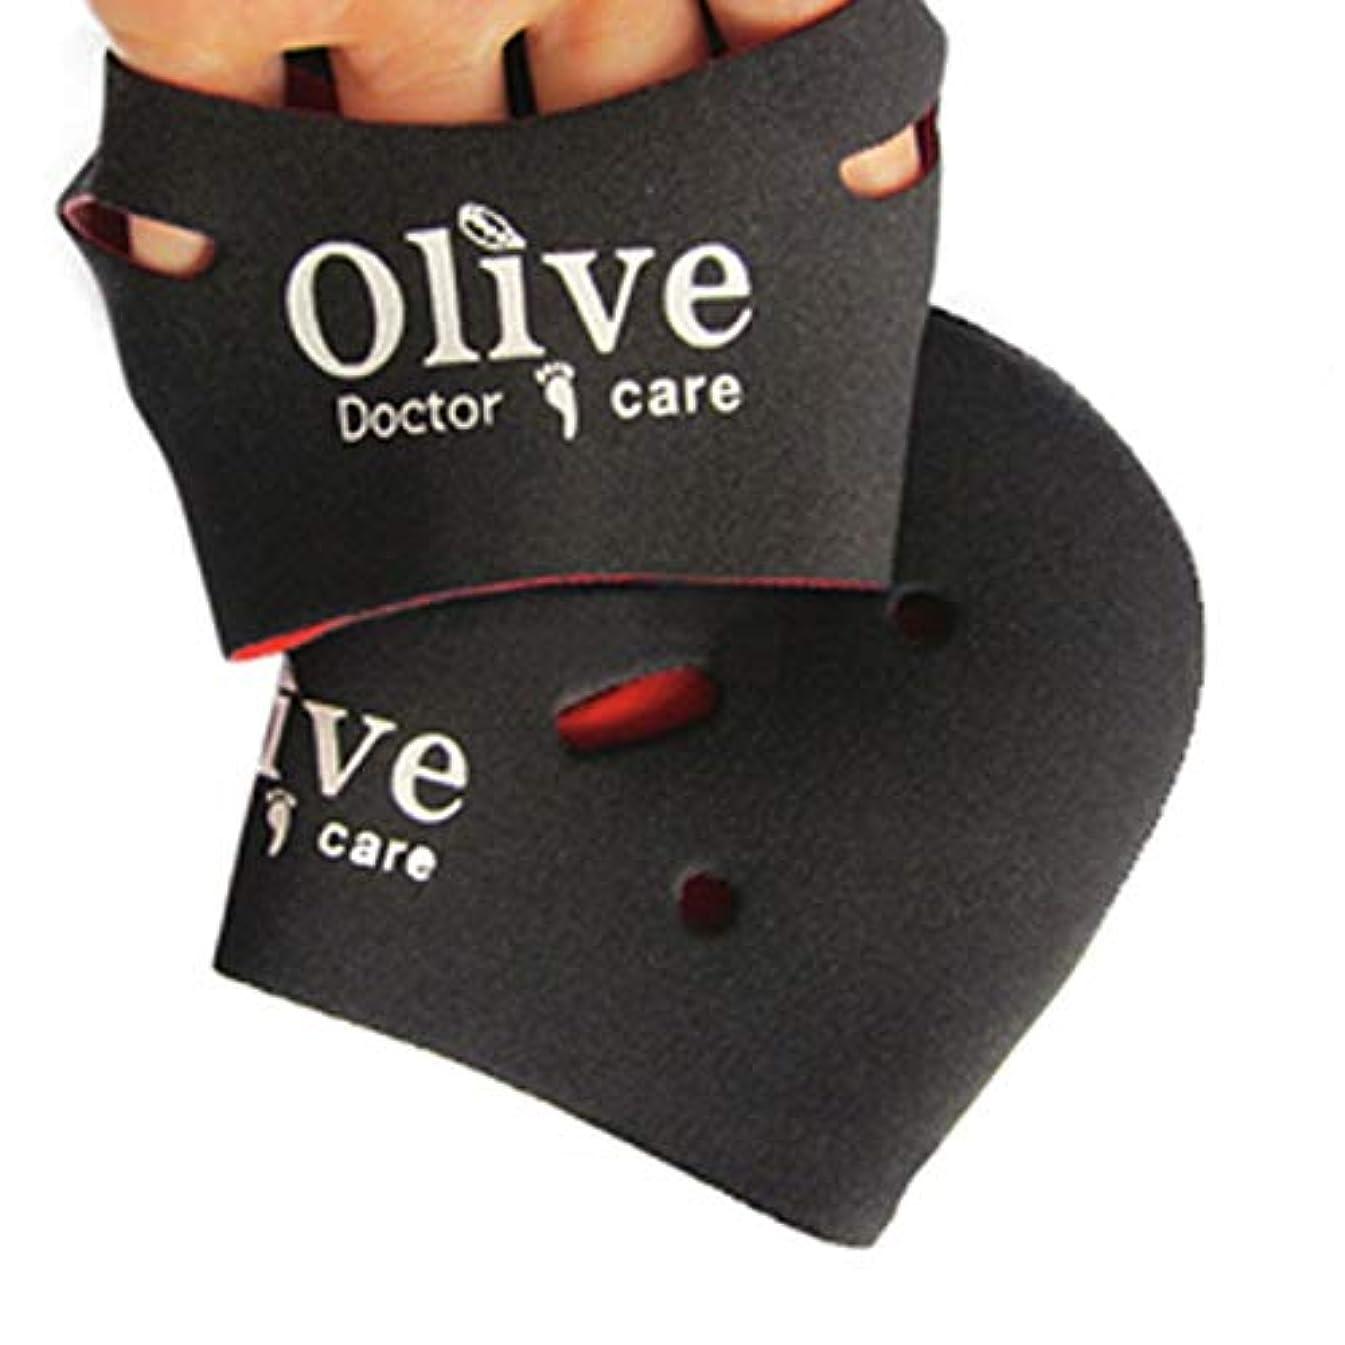 注意トラクター余裕がある[NICE-SHOP]かかとケア靴下 Olive Doctor Care